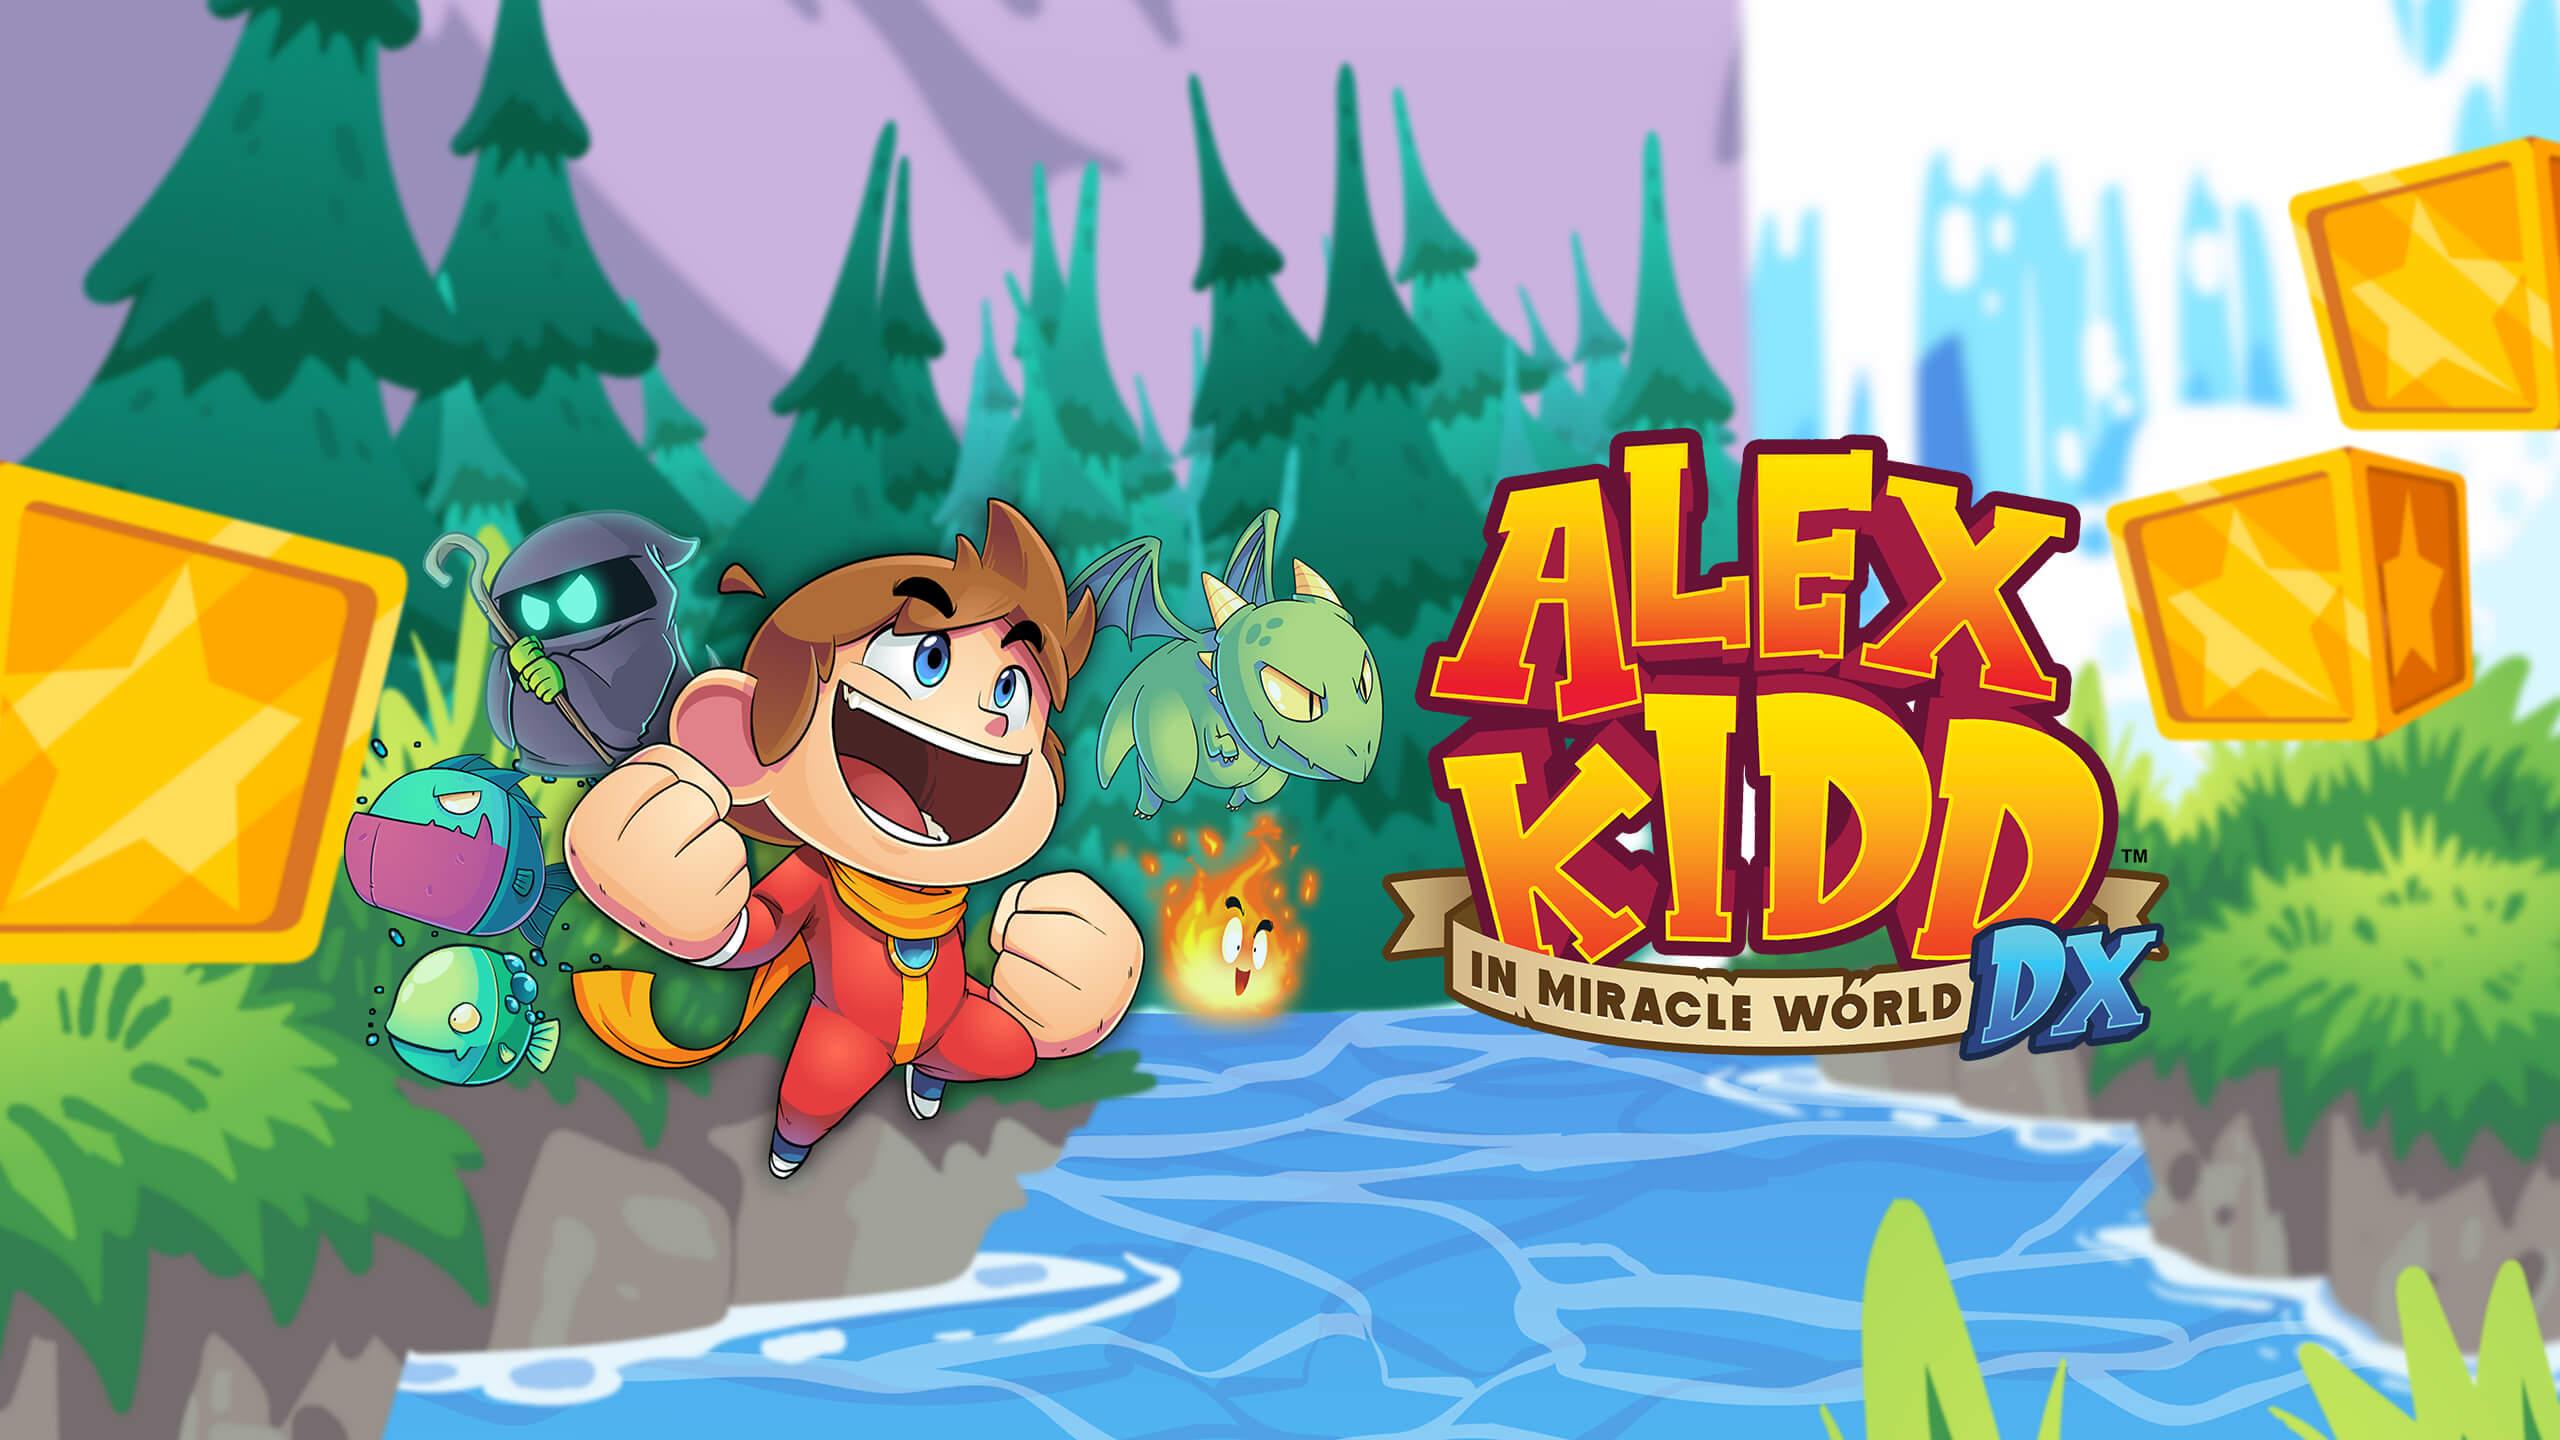 阿历克斯小子奇幻世界大冒险(Alex Kidd in Miracle World DX)插图6